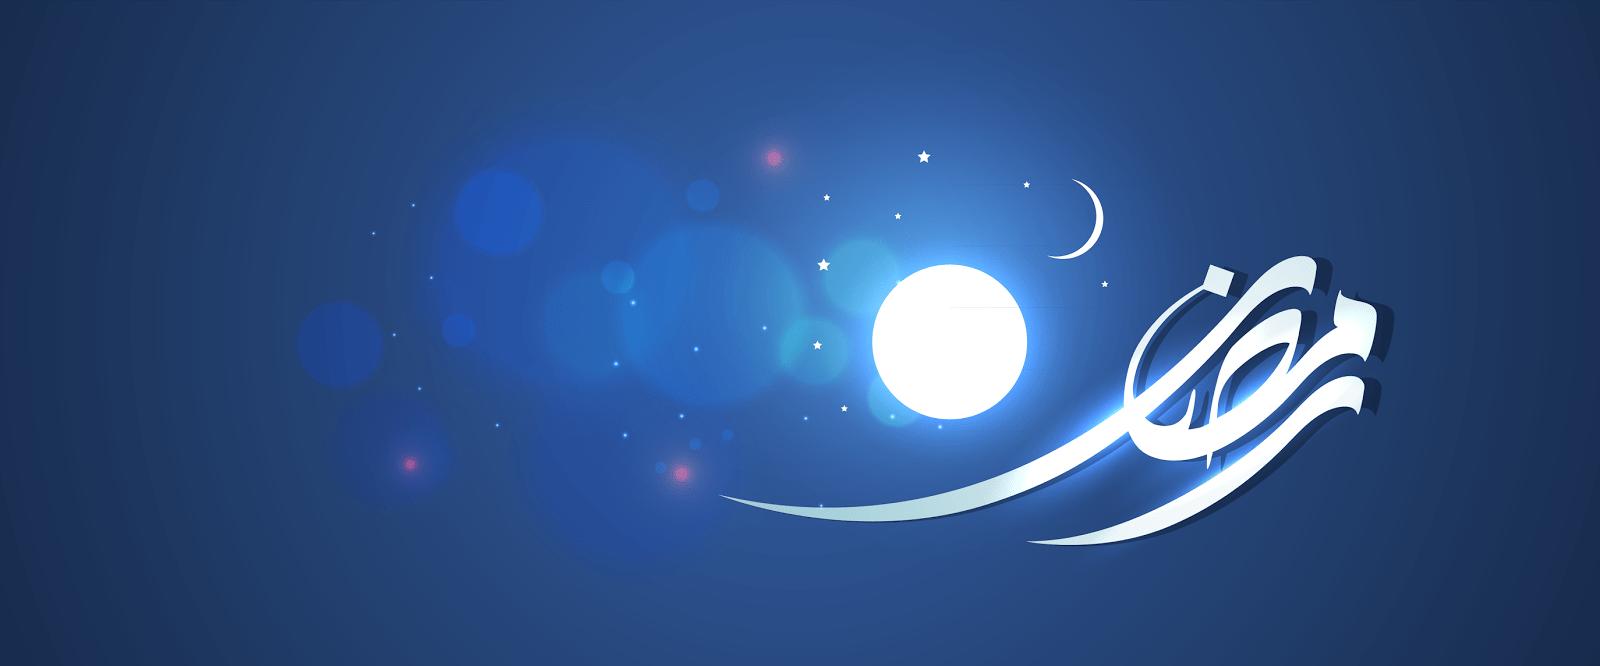 El mes de Ramadán no es especial porque ayunemos en él, sino que es especial y por eso Dios no ordena ayunar en él. Es el mes de acercarnos al Creador